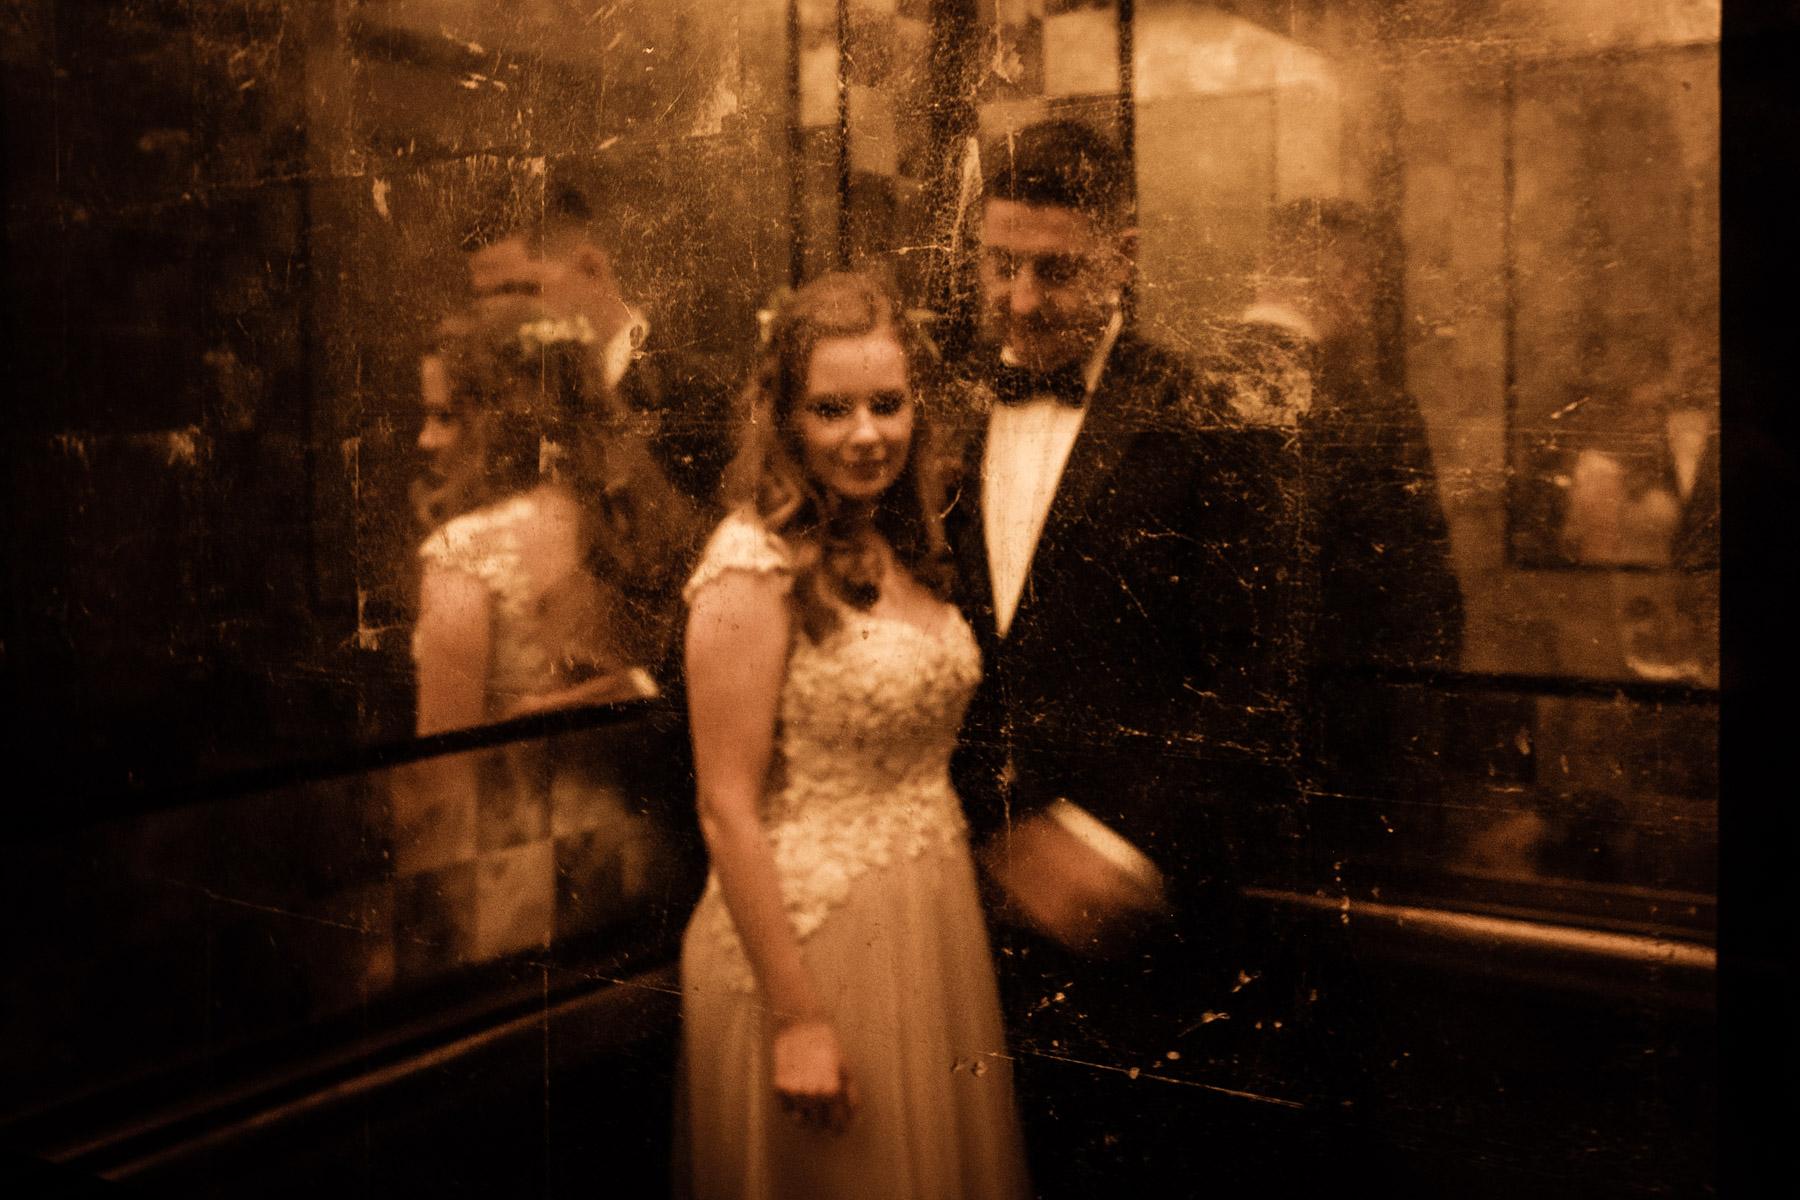 MartinLiebl_Kein_Hochzeitsfotograf_No_Wedding_Photographer_Budapest_Gresham_Palace_20a.jpg